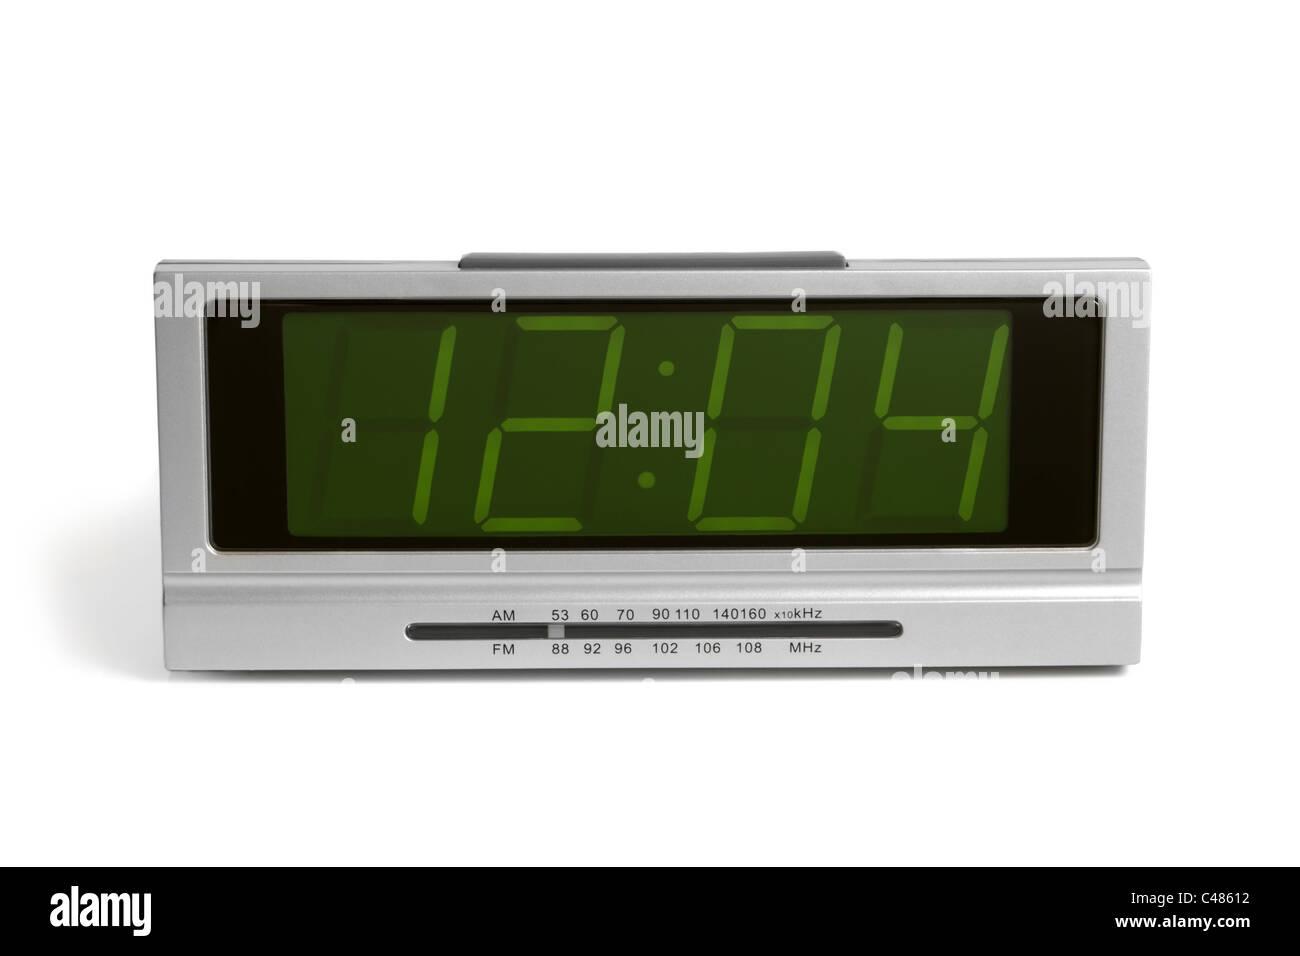 Radio Clock Stockfotos & Radio Clock Bilder - Seite 3 - Alamy